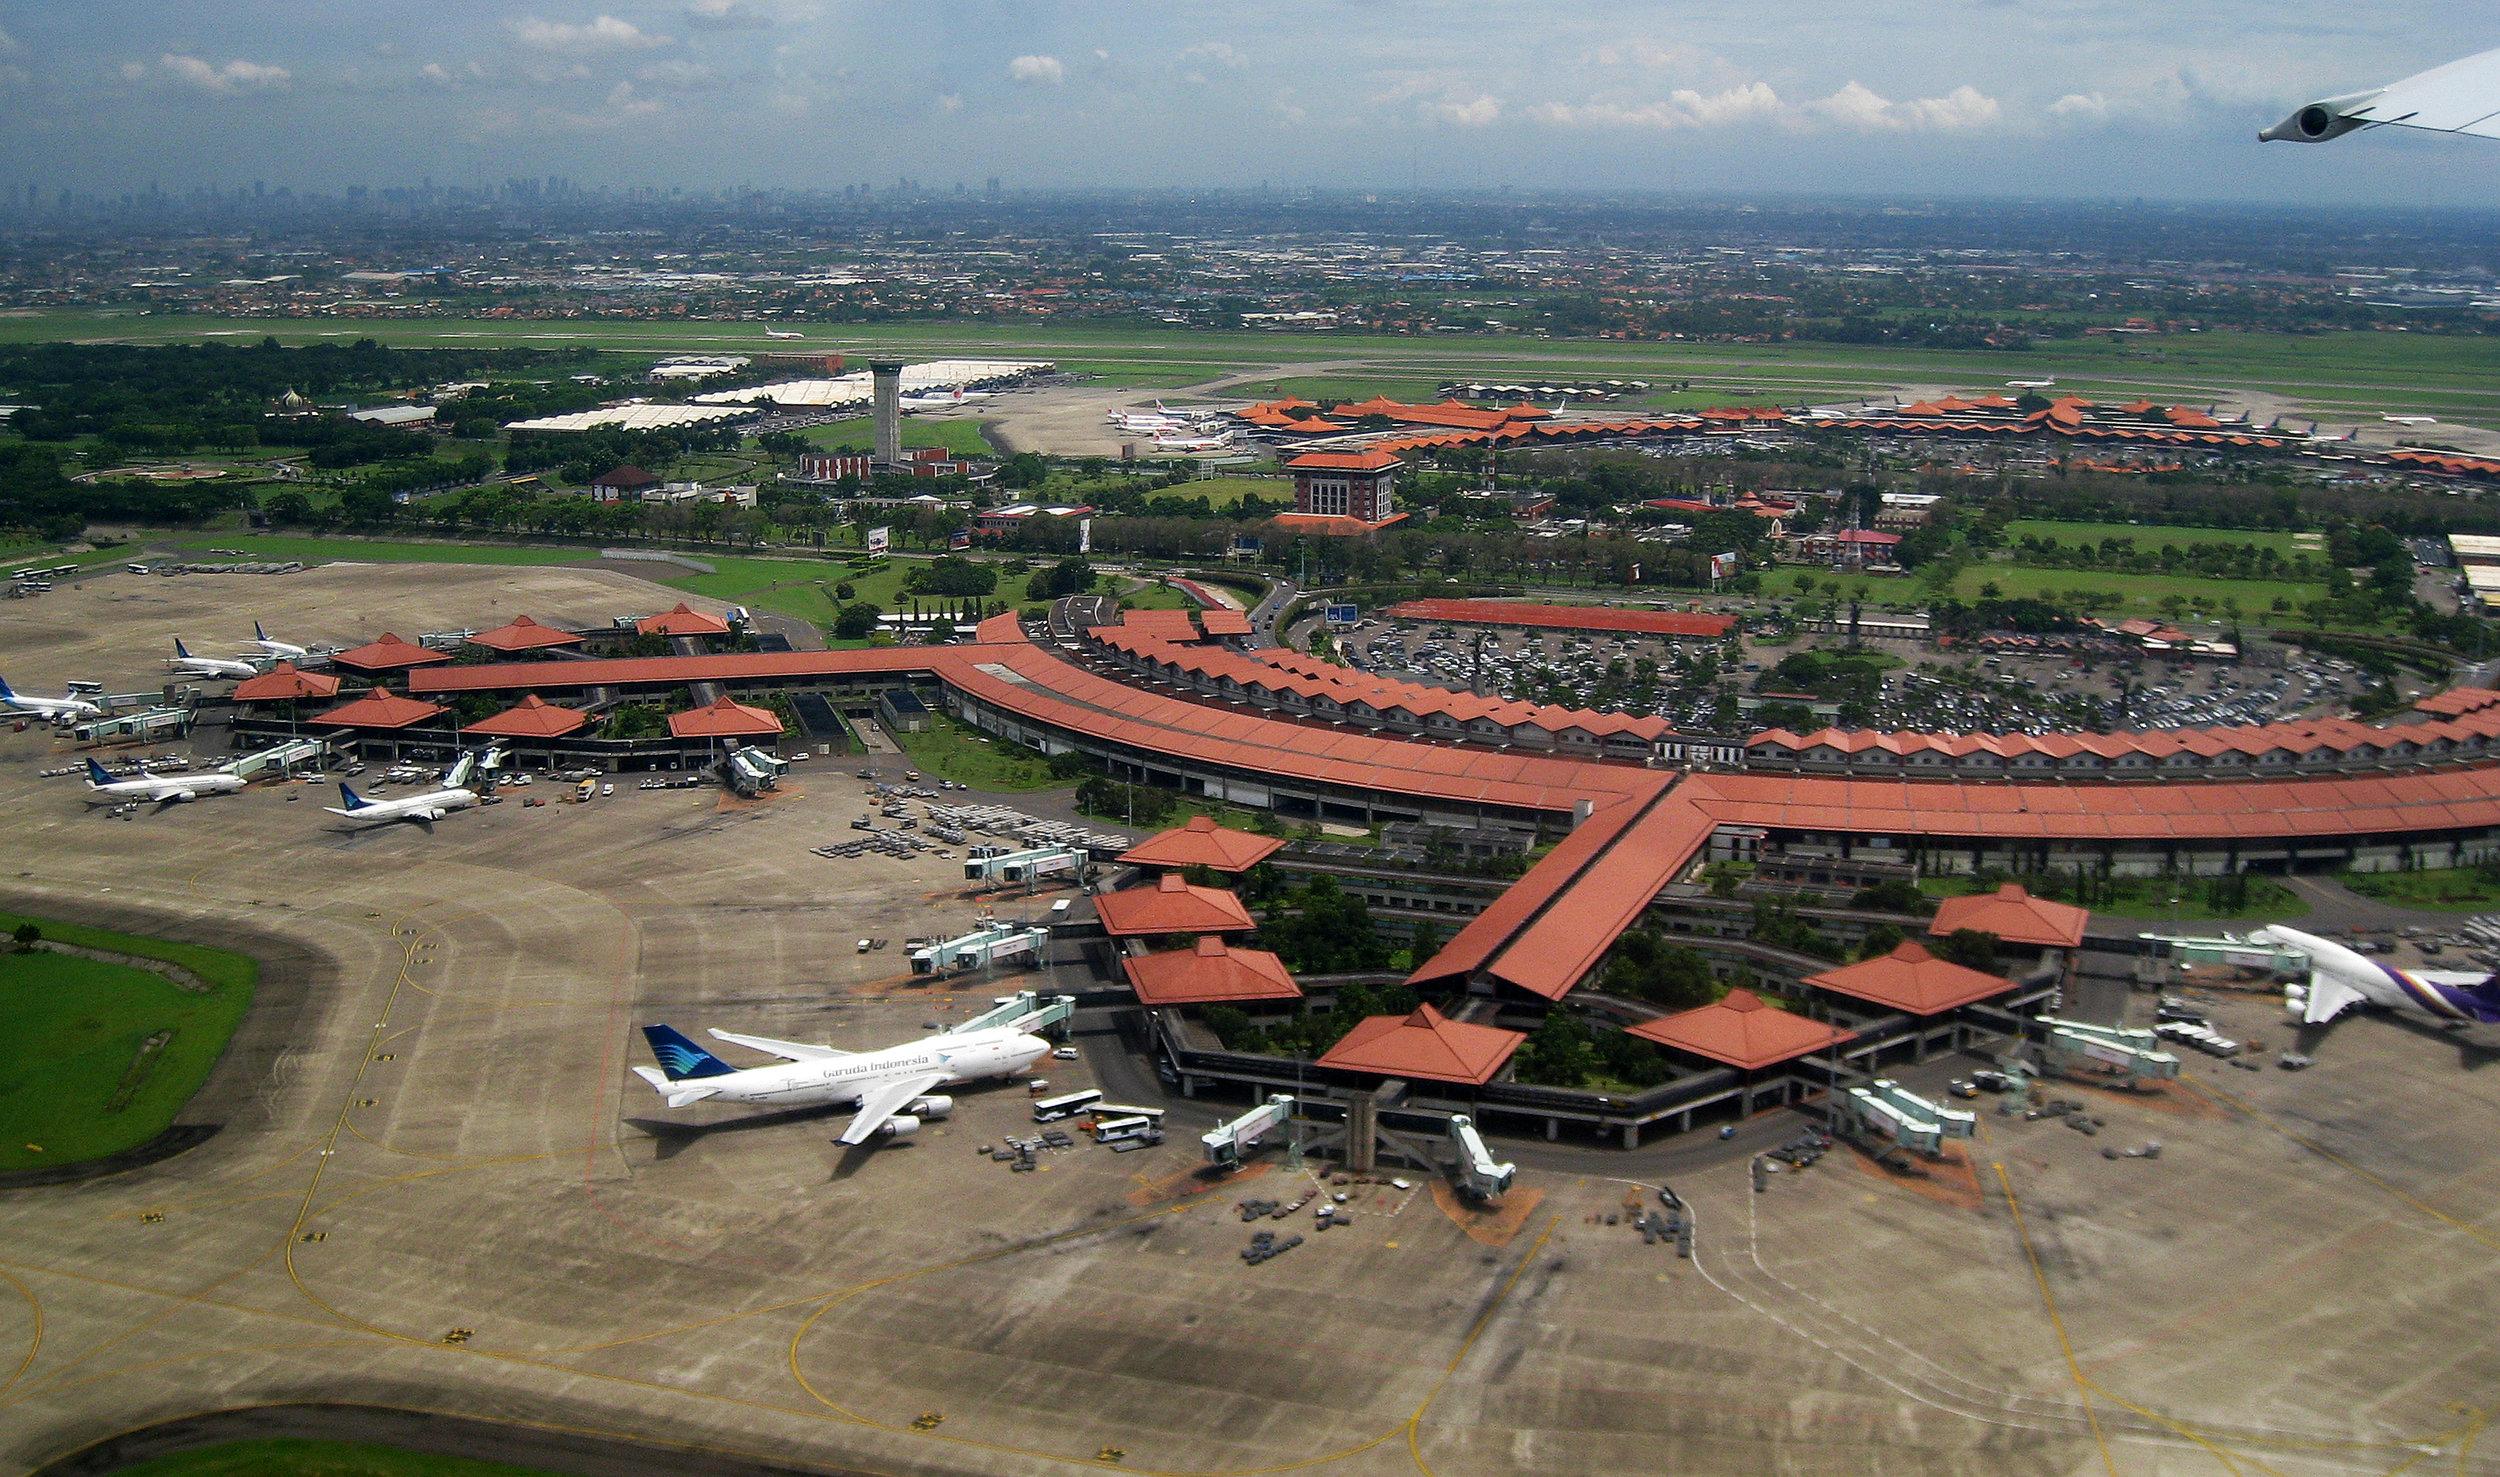 Soekarno-Hatta_Airport_aerial_view.jpg